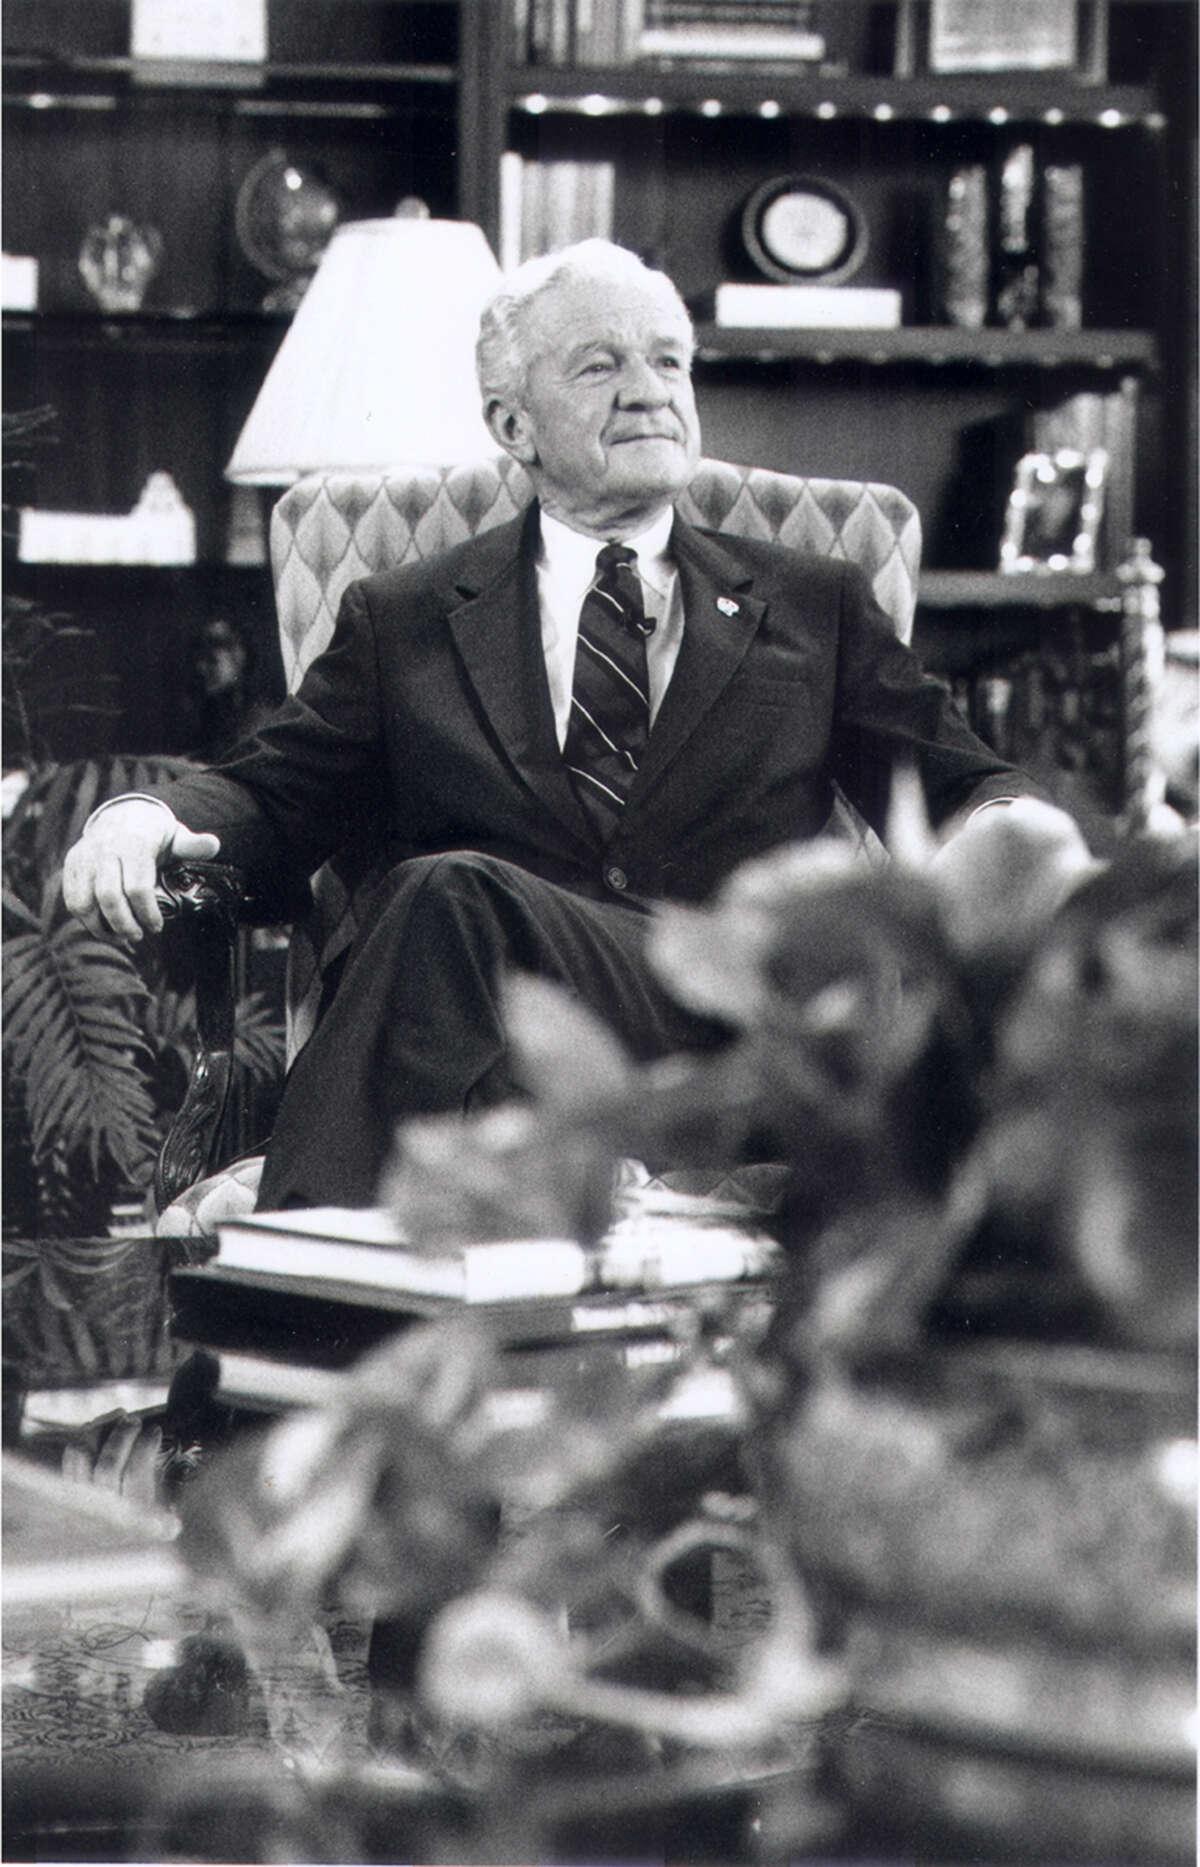 Brig. Gen. Robert F. McDermott, USAA president 1969-1993.